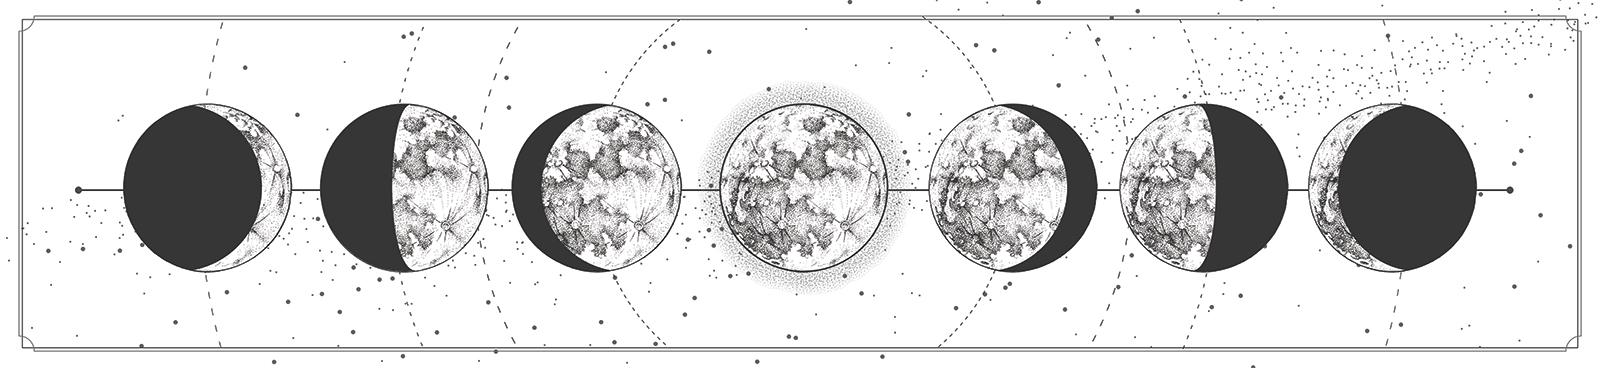 daghoroscoop: je horoscoop volgens de maan vandaag